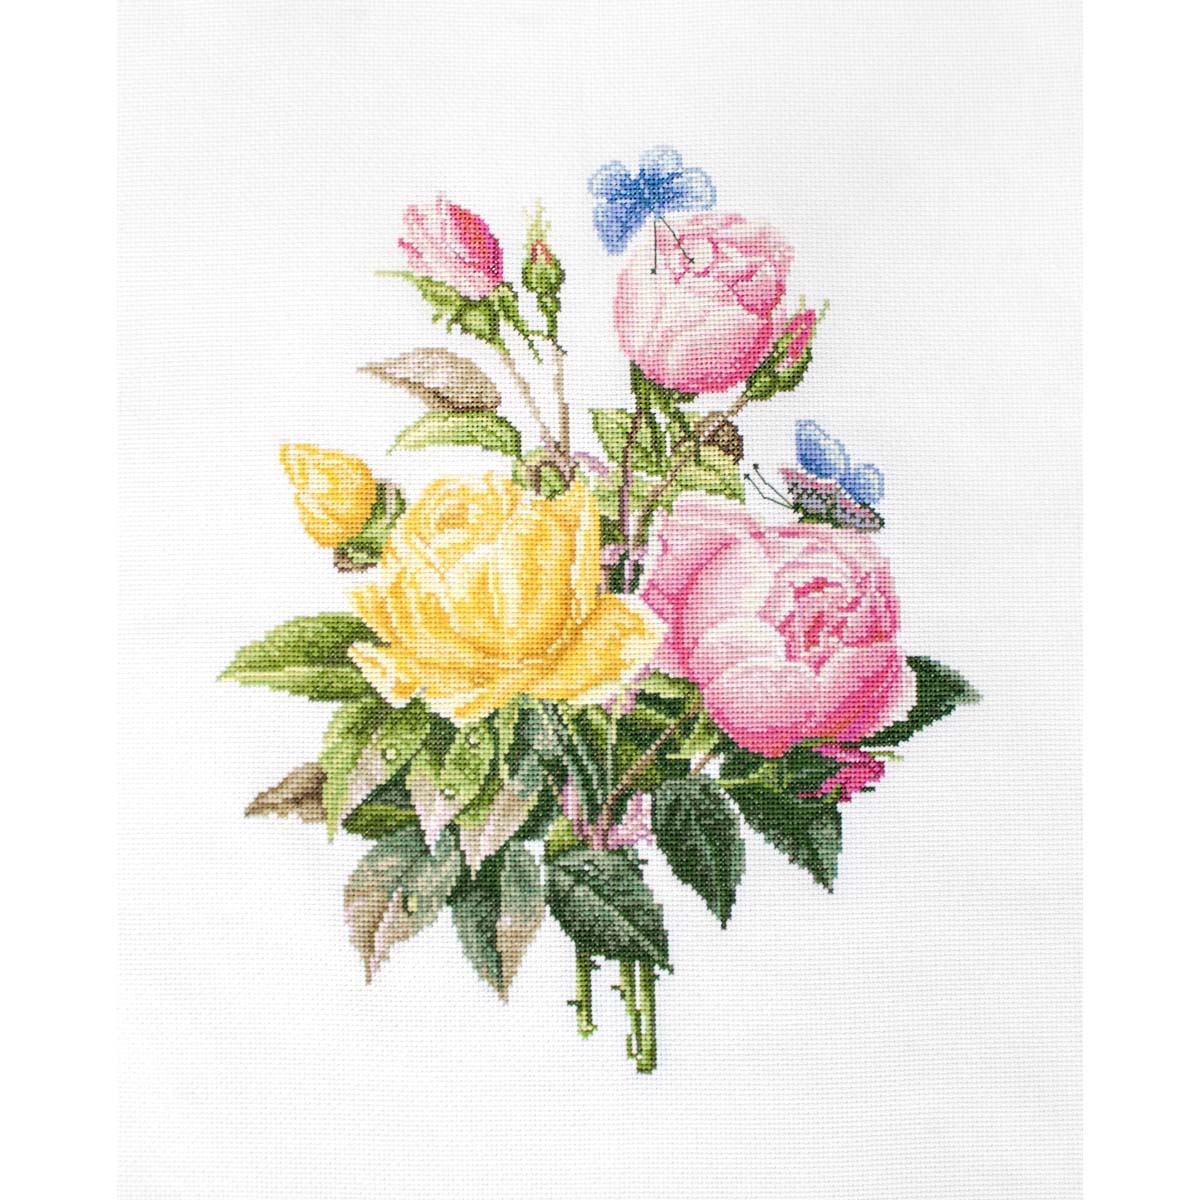 BU4003 Набор для вышивания 'Желтые розы и бенгальские розы' 20*35см, Luca-S фото